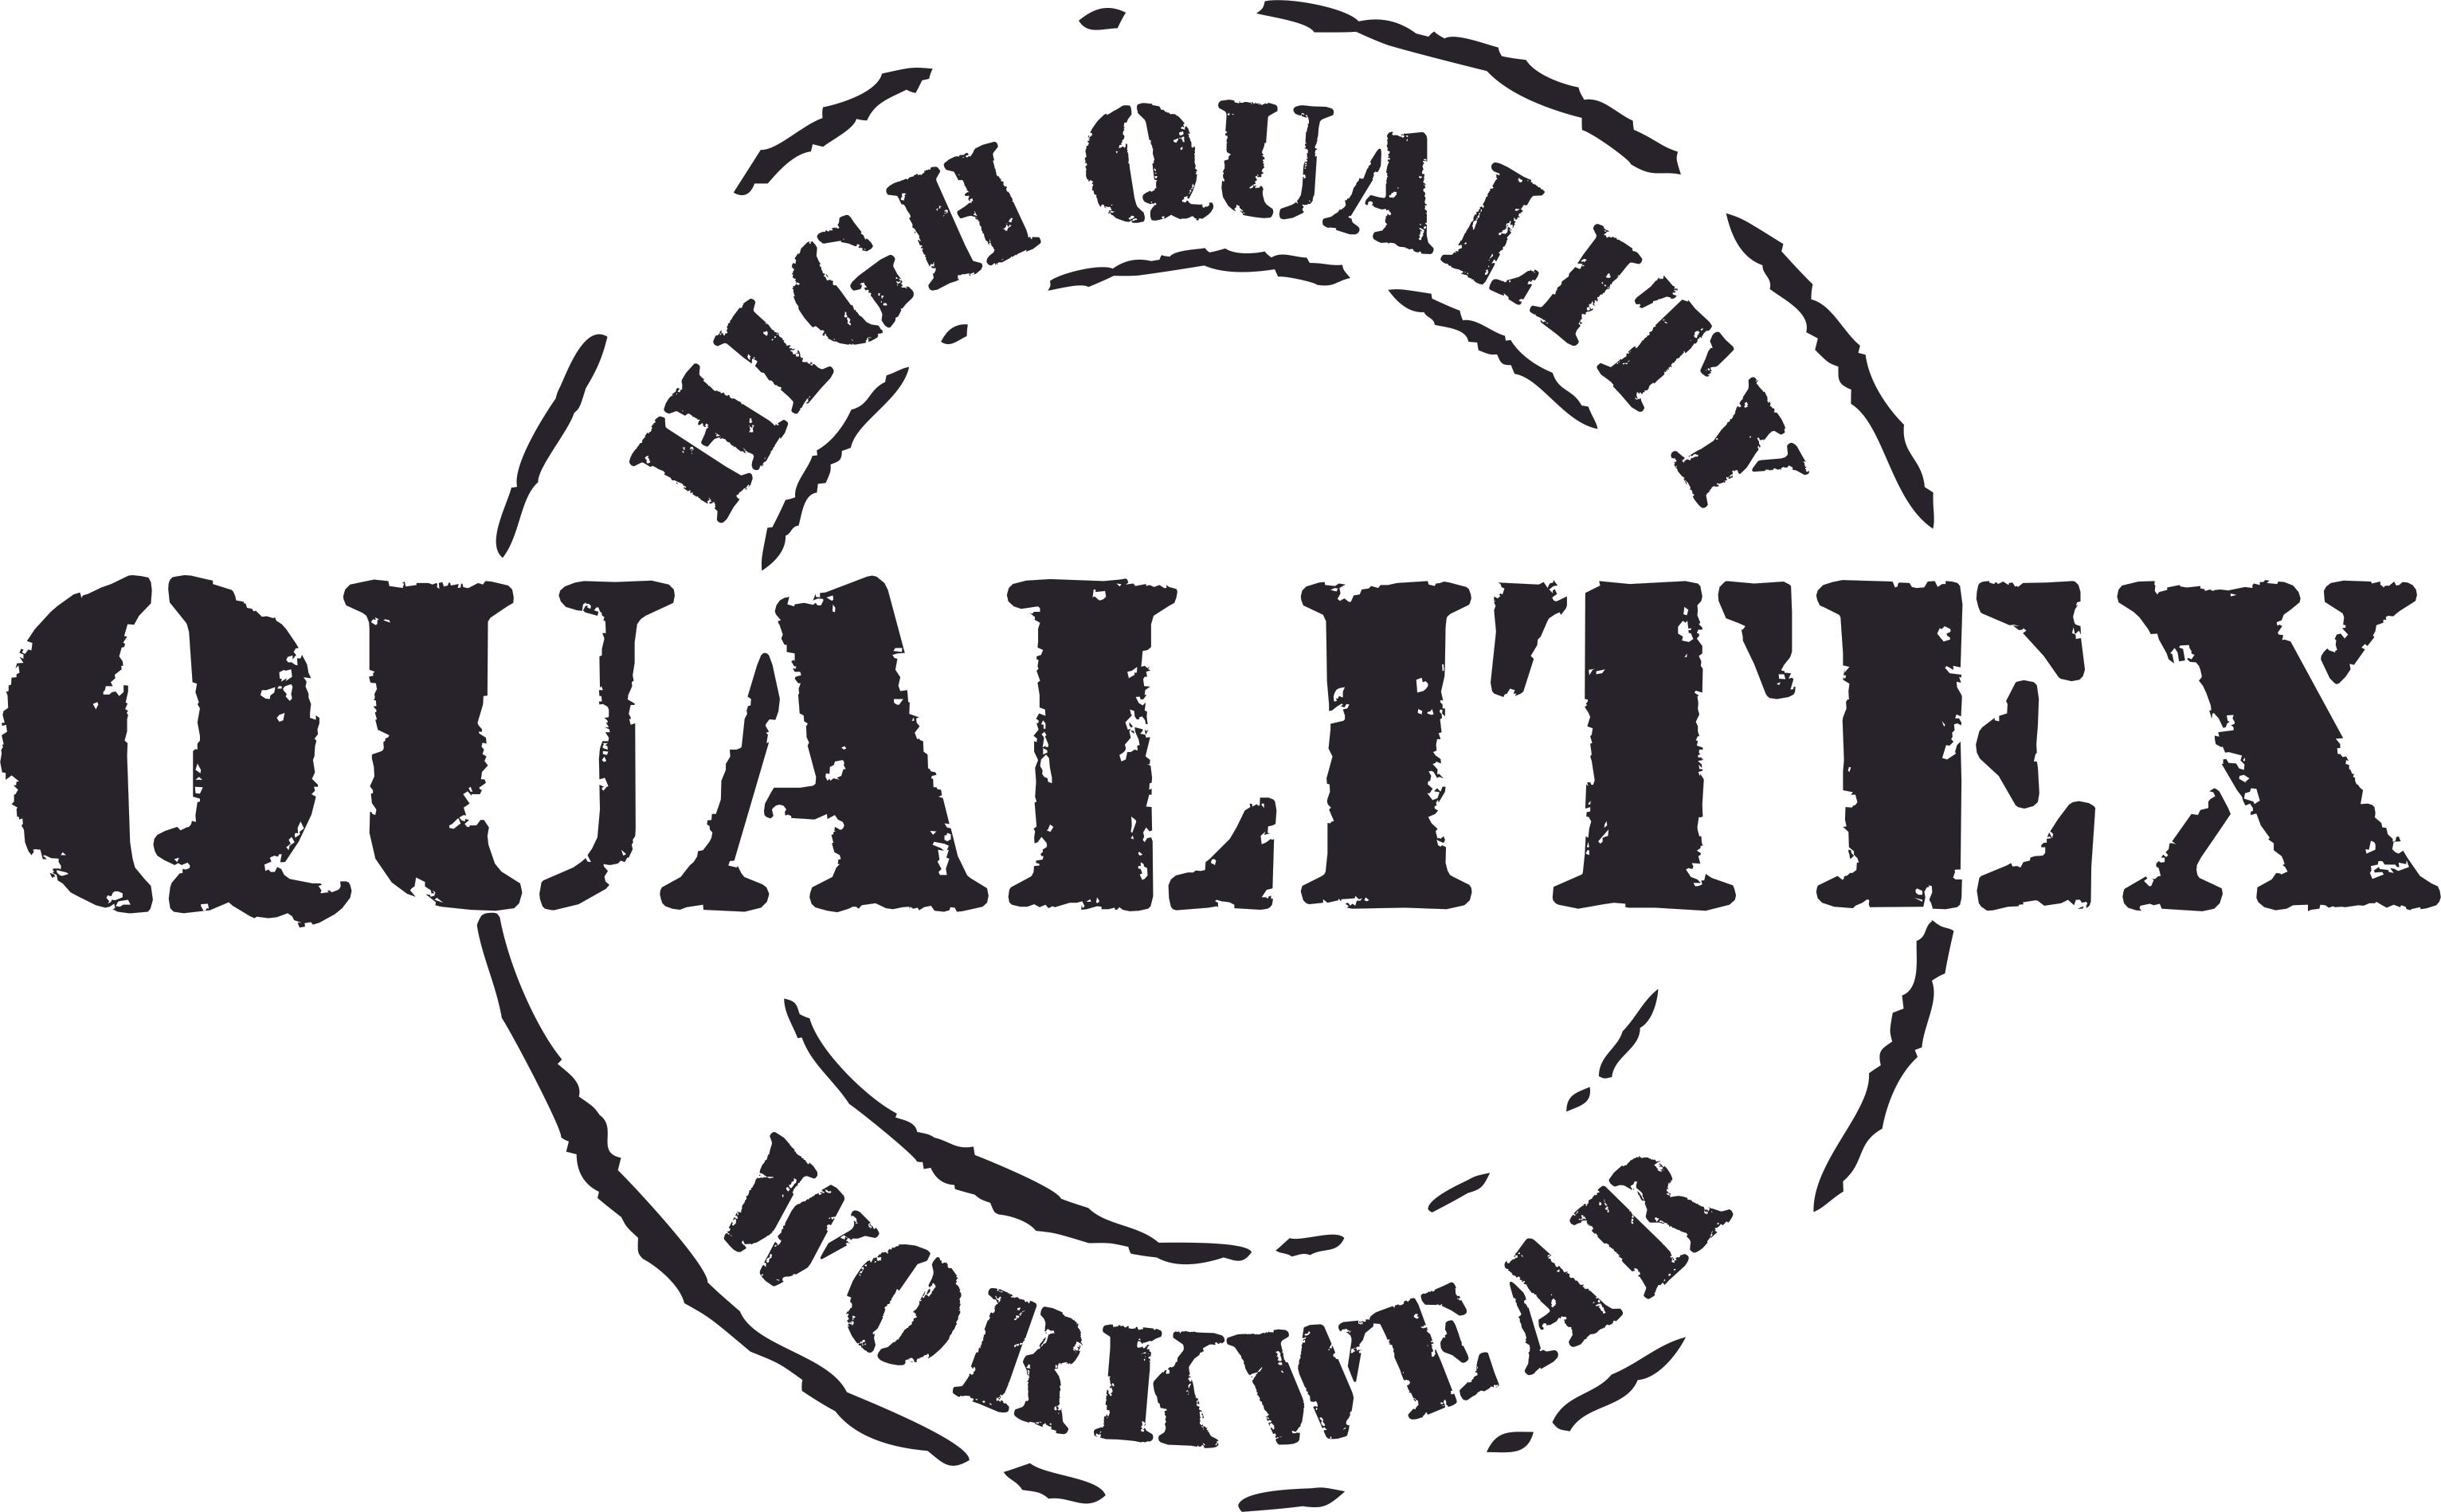 Arbeitskleidung, Warnschutz, Schweißerbekleidung, Pilotenjacken